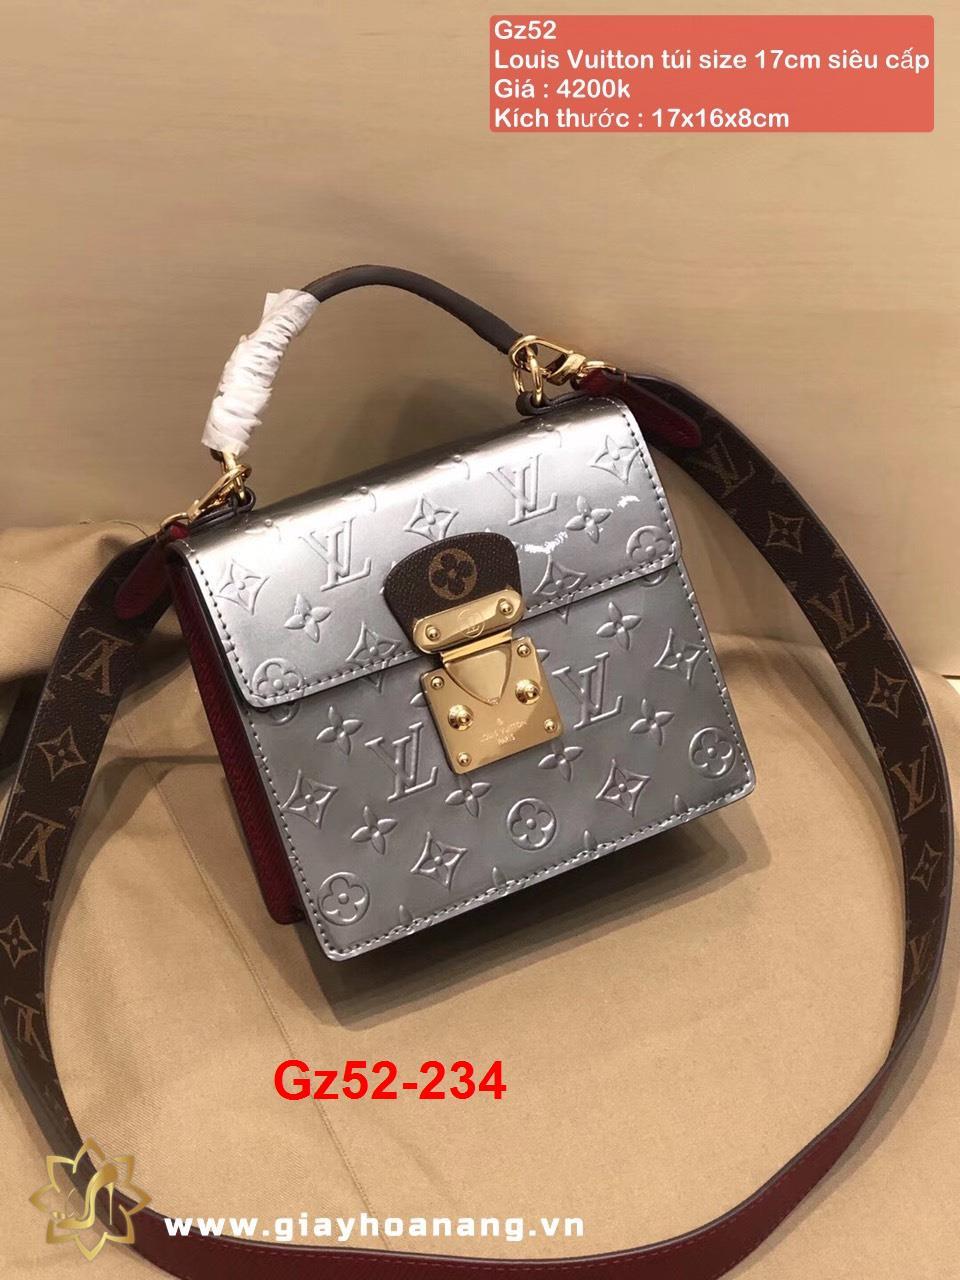 Gz52-234 Louis Vuitton túi size 17cm siêu cấp